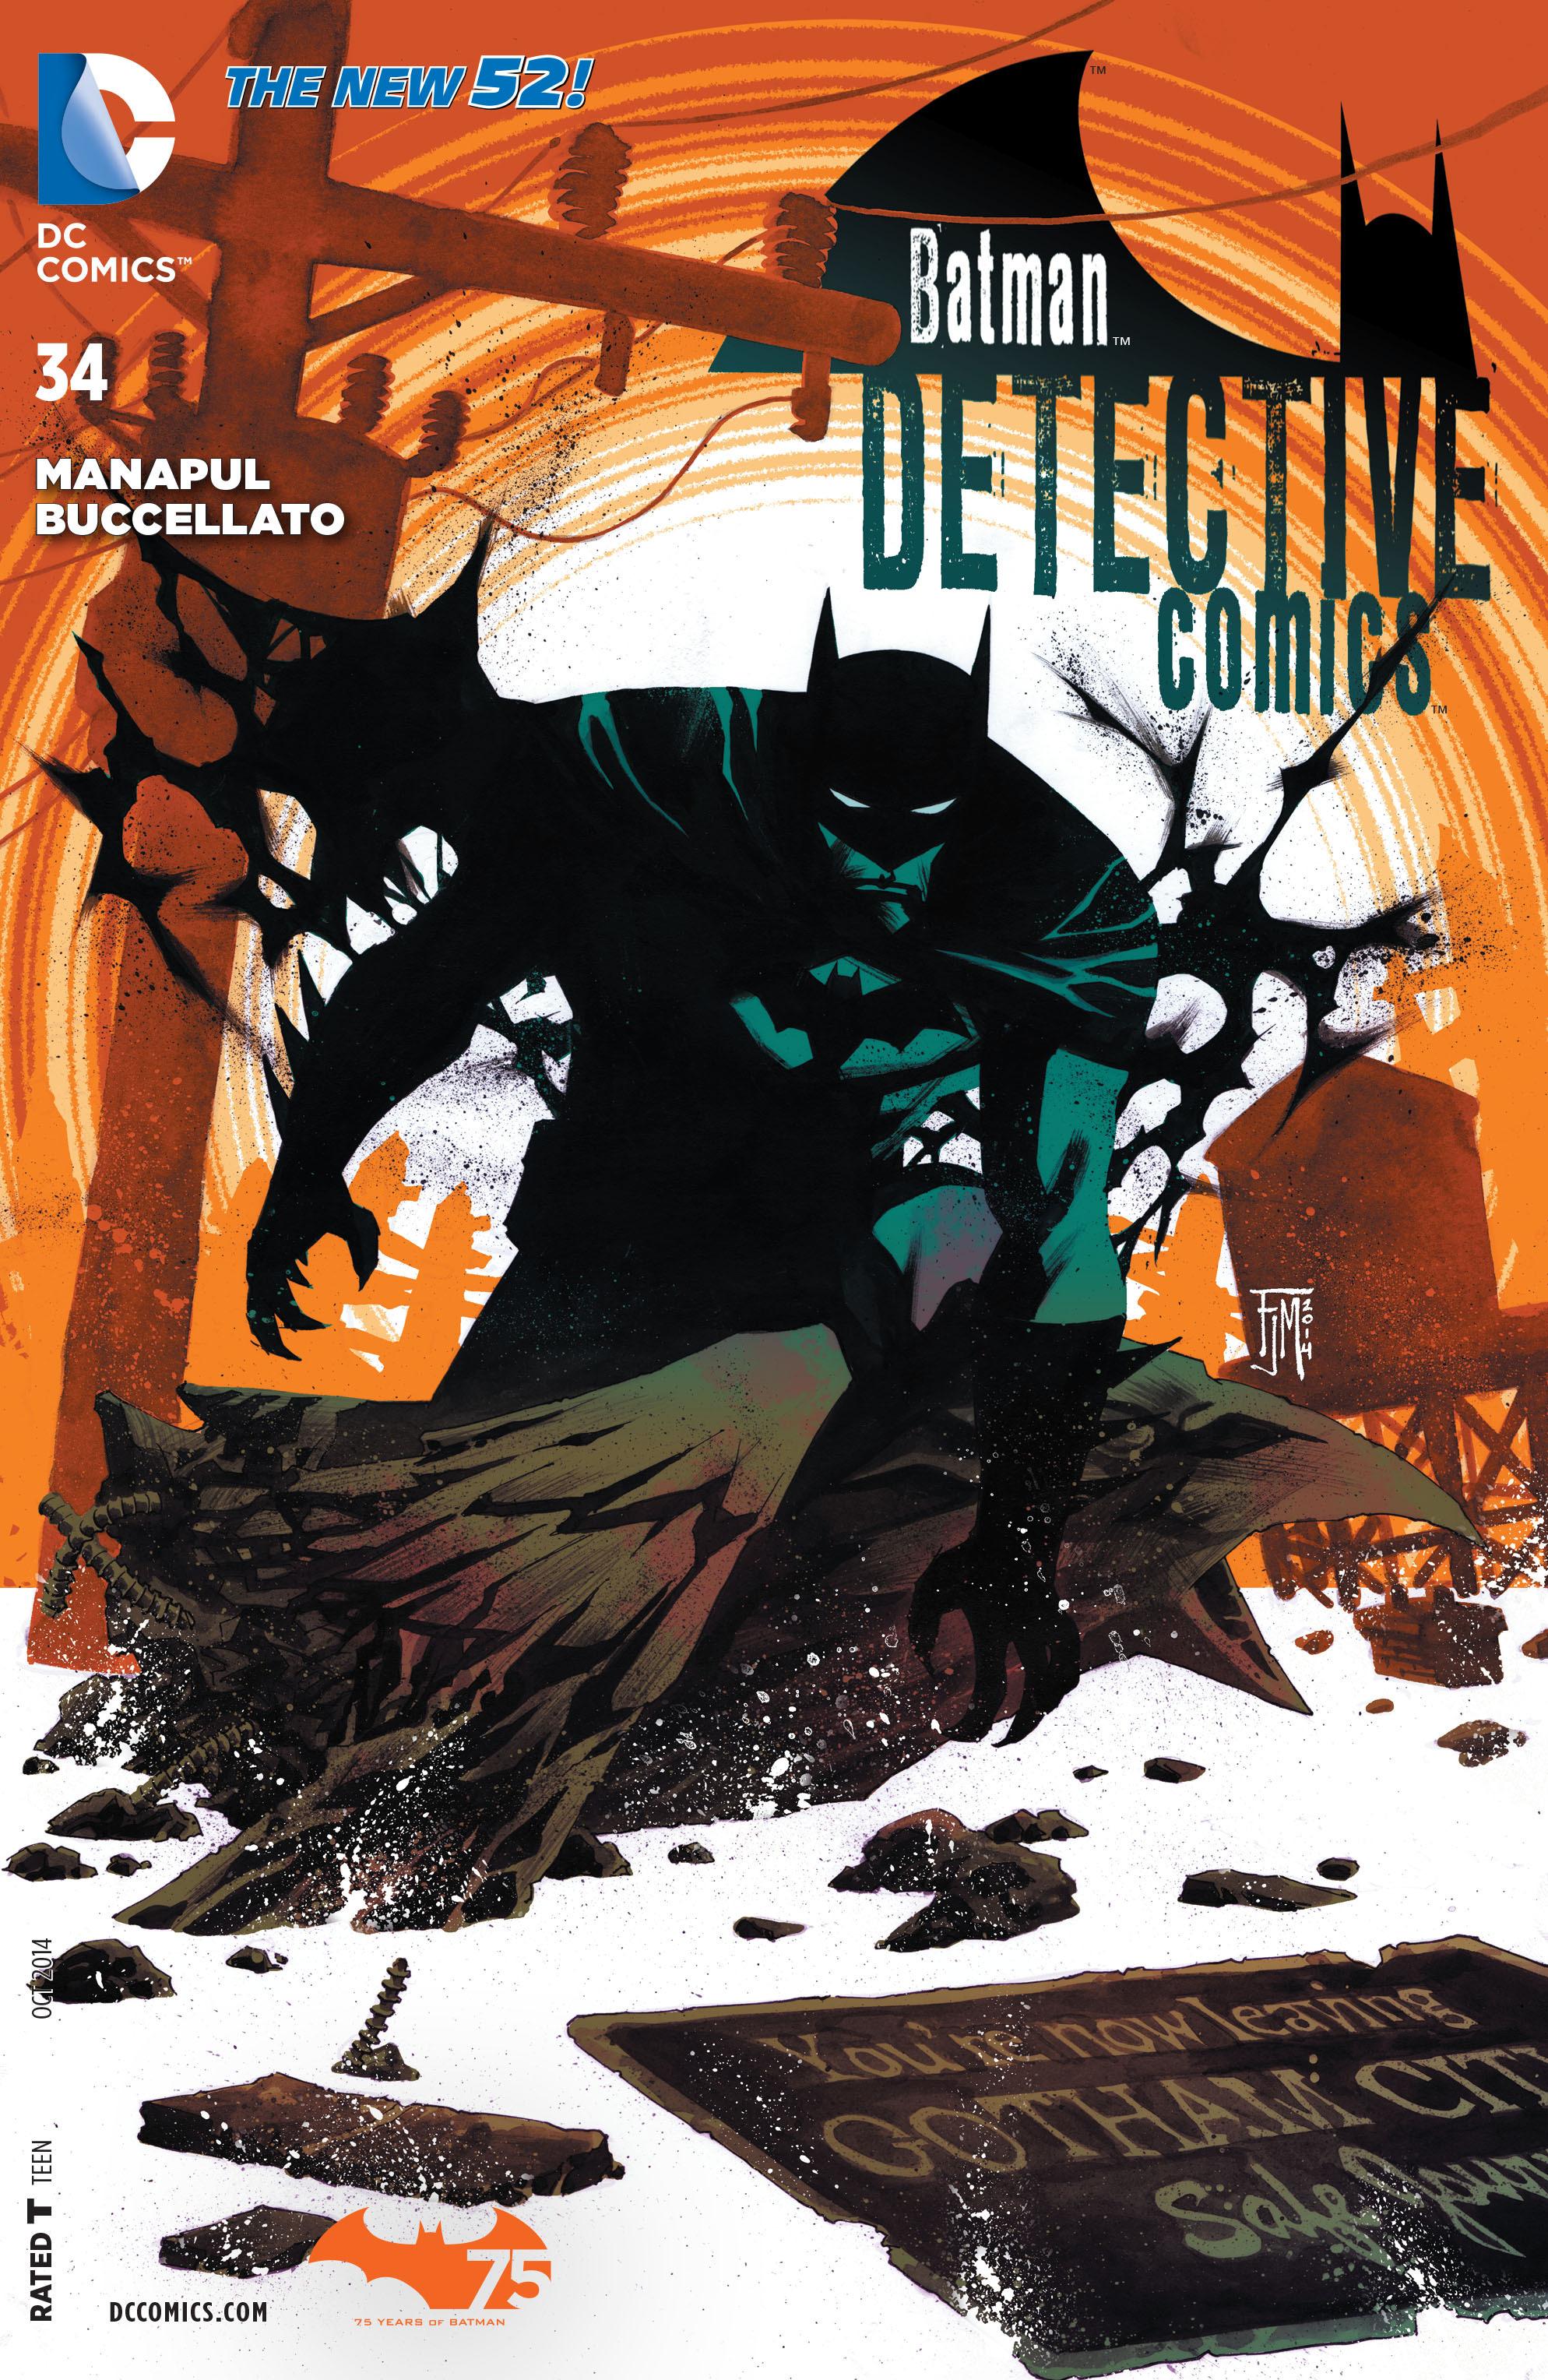 High Resolution Wallpaper   Batman: Detective Comics 1988x3056 px